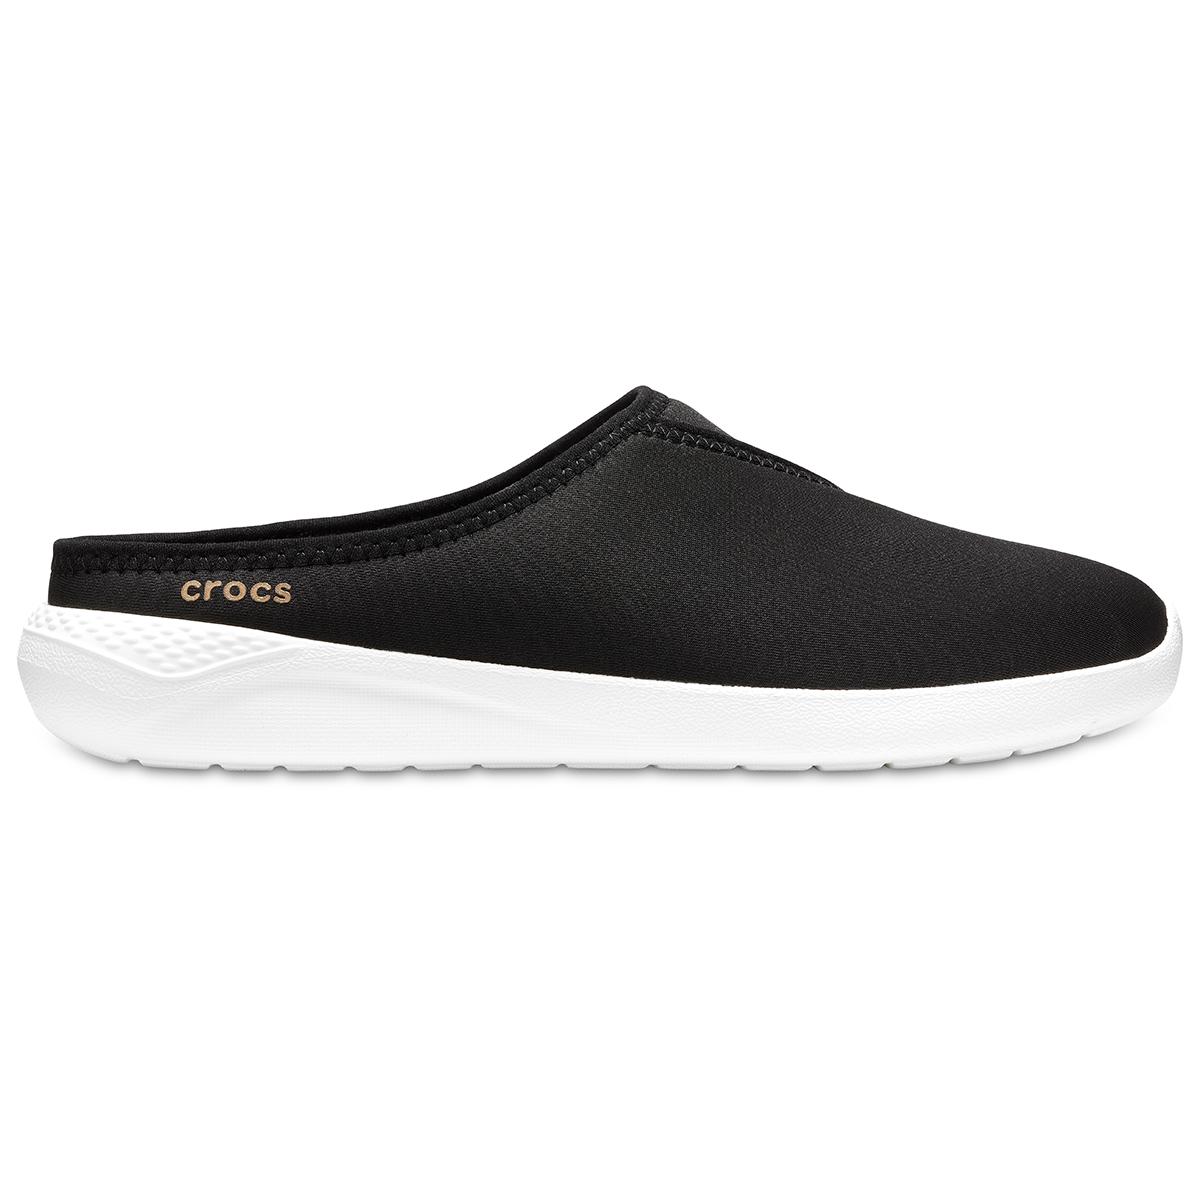 Crocs LiteRide Mule W - Siyah/Beyaz